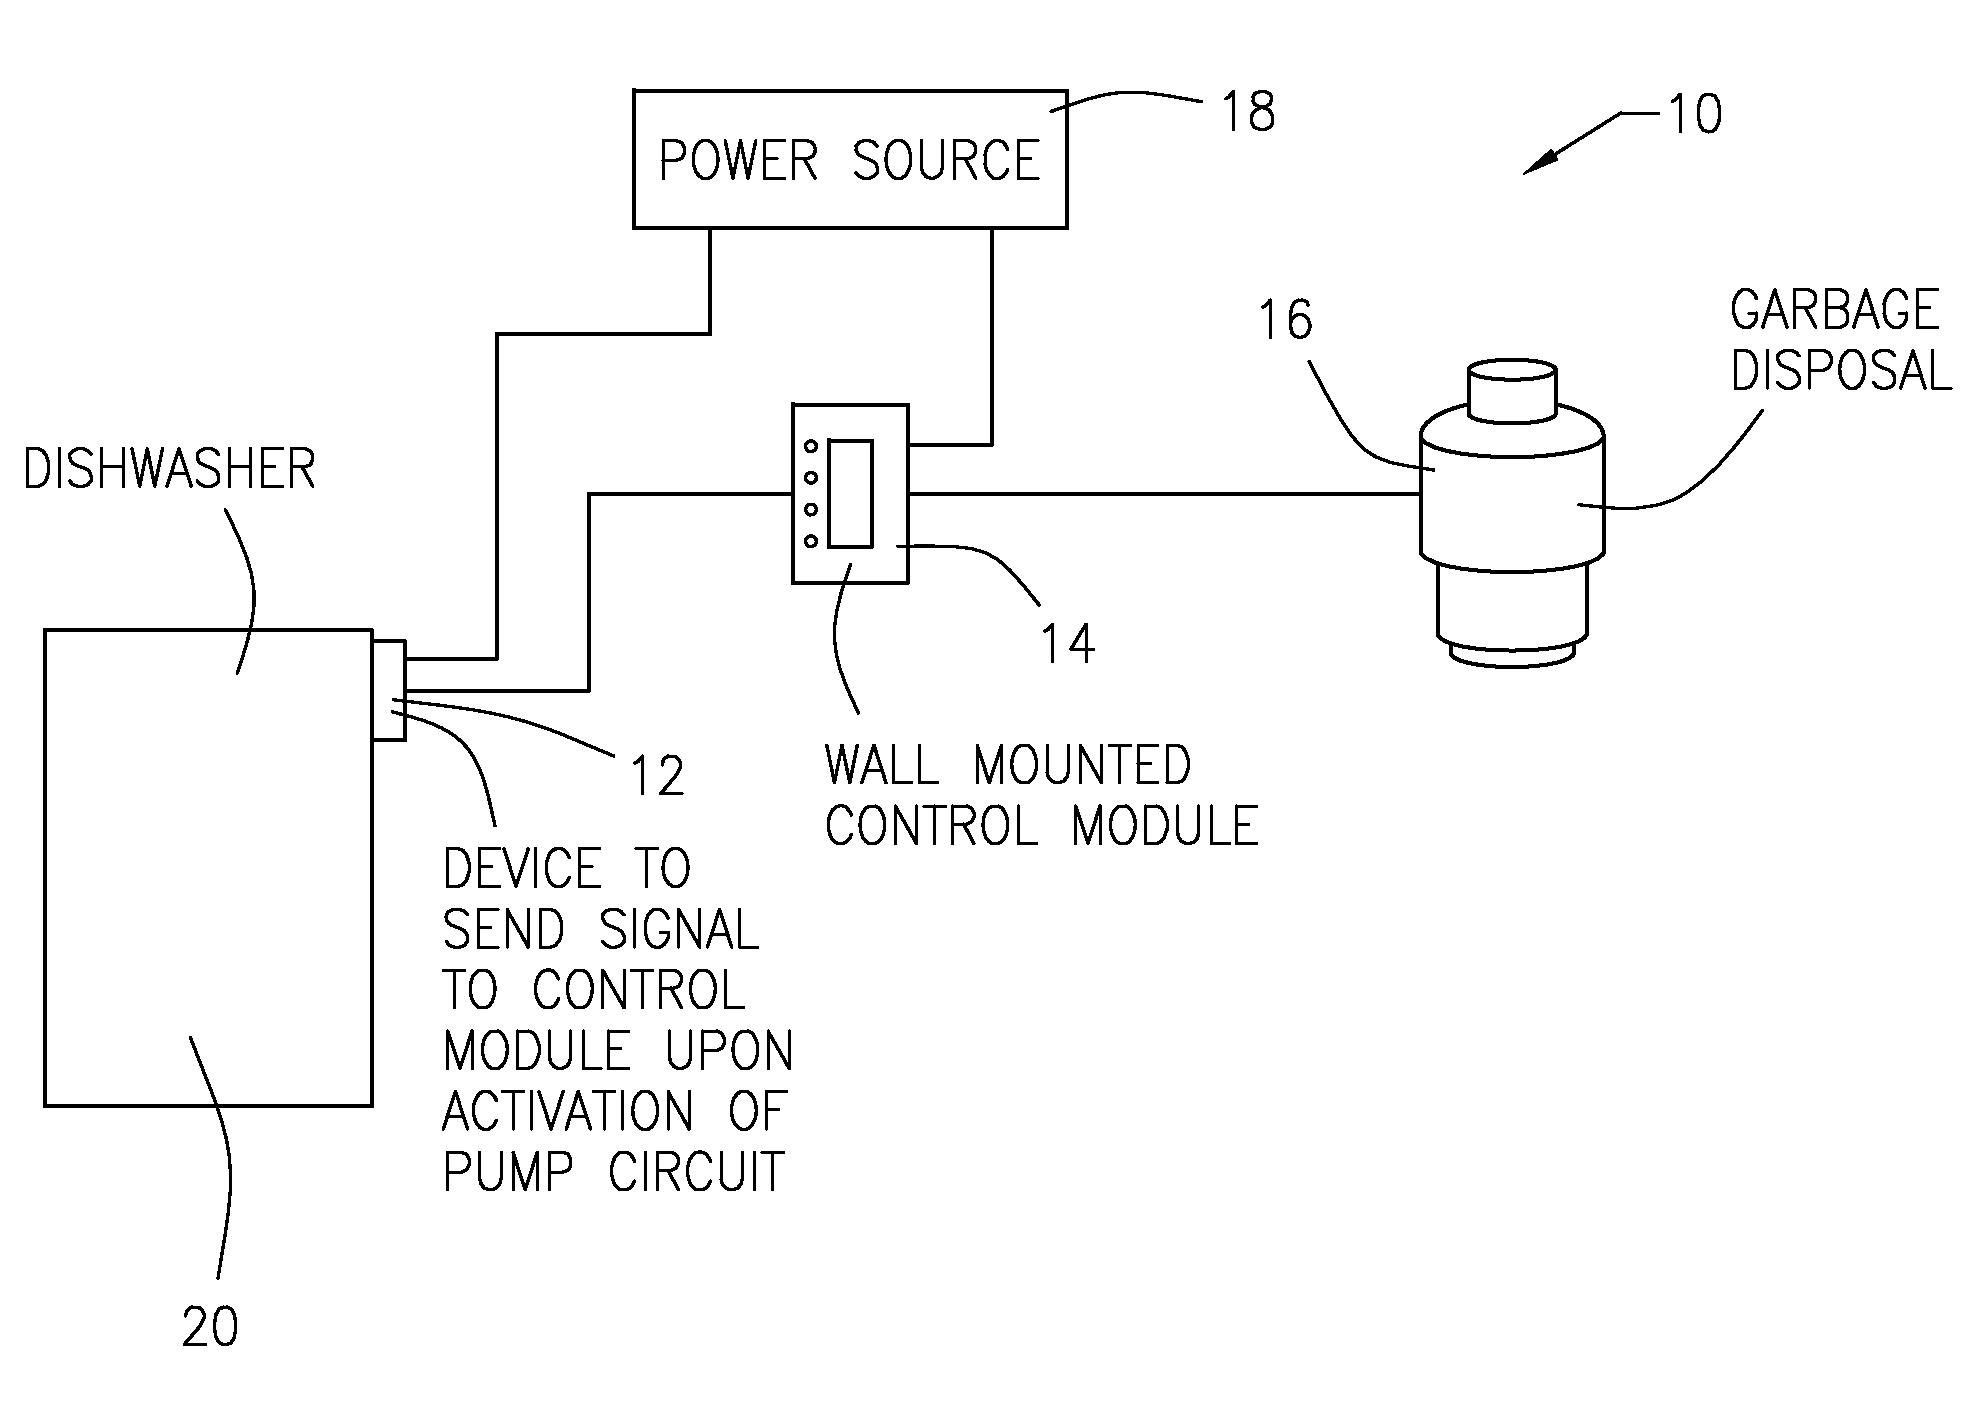 ZK 40] Wiring Garbage Disposal Switch Diagram Schematic Wiring